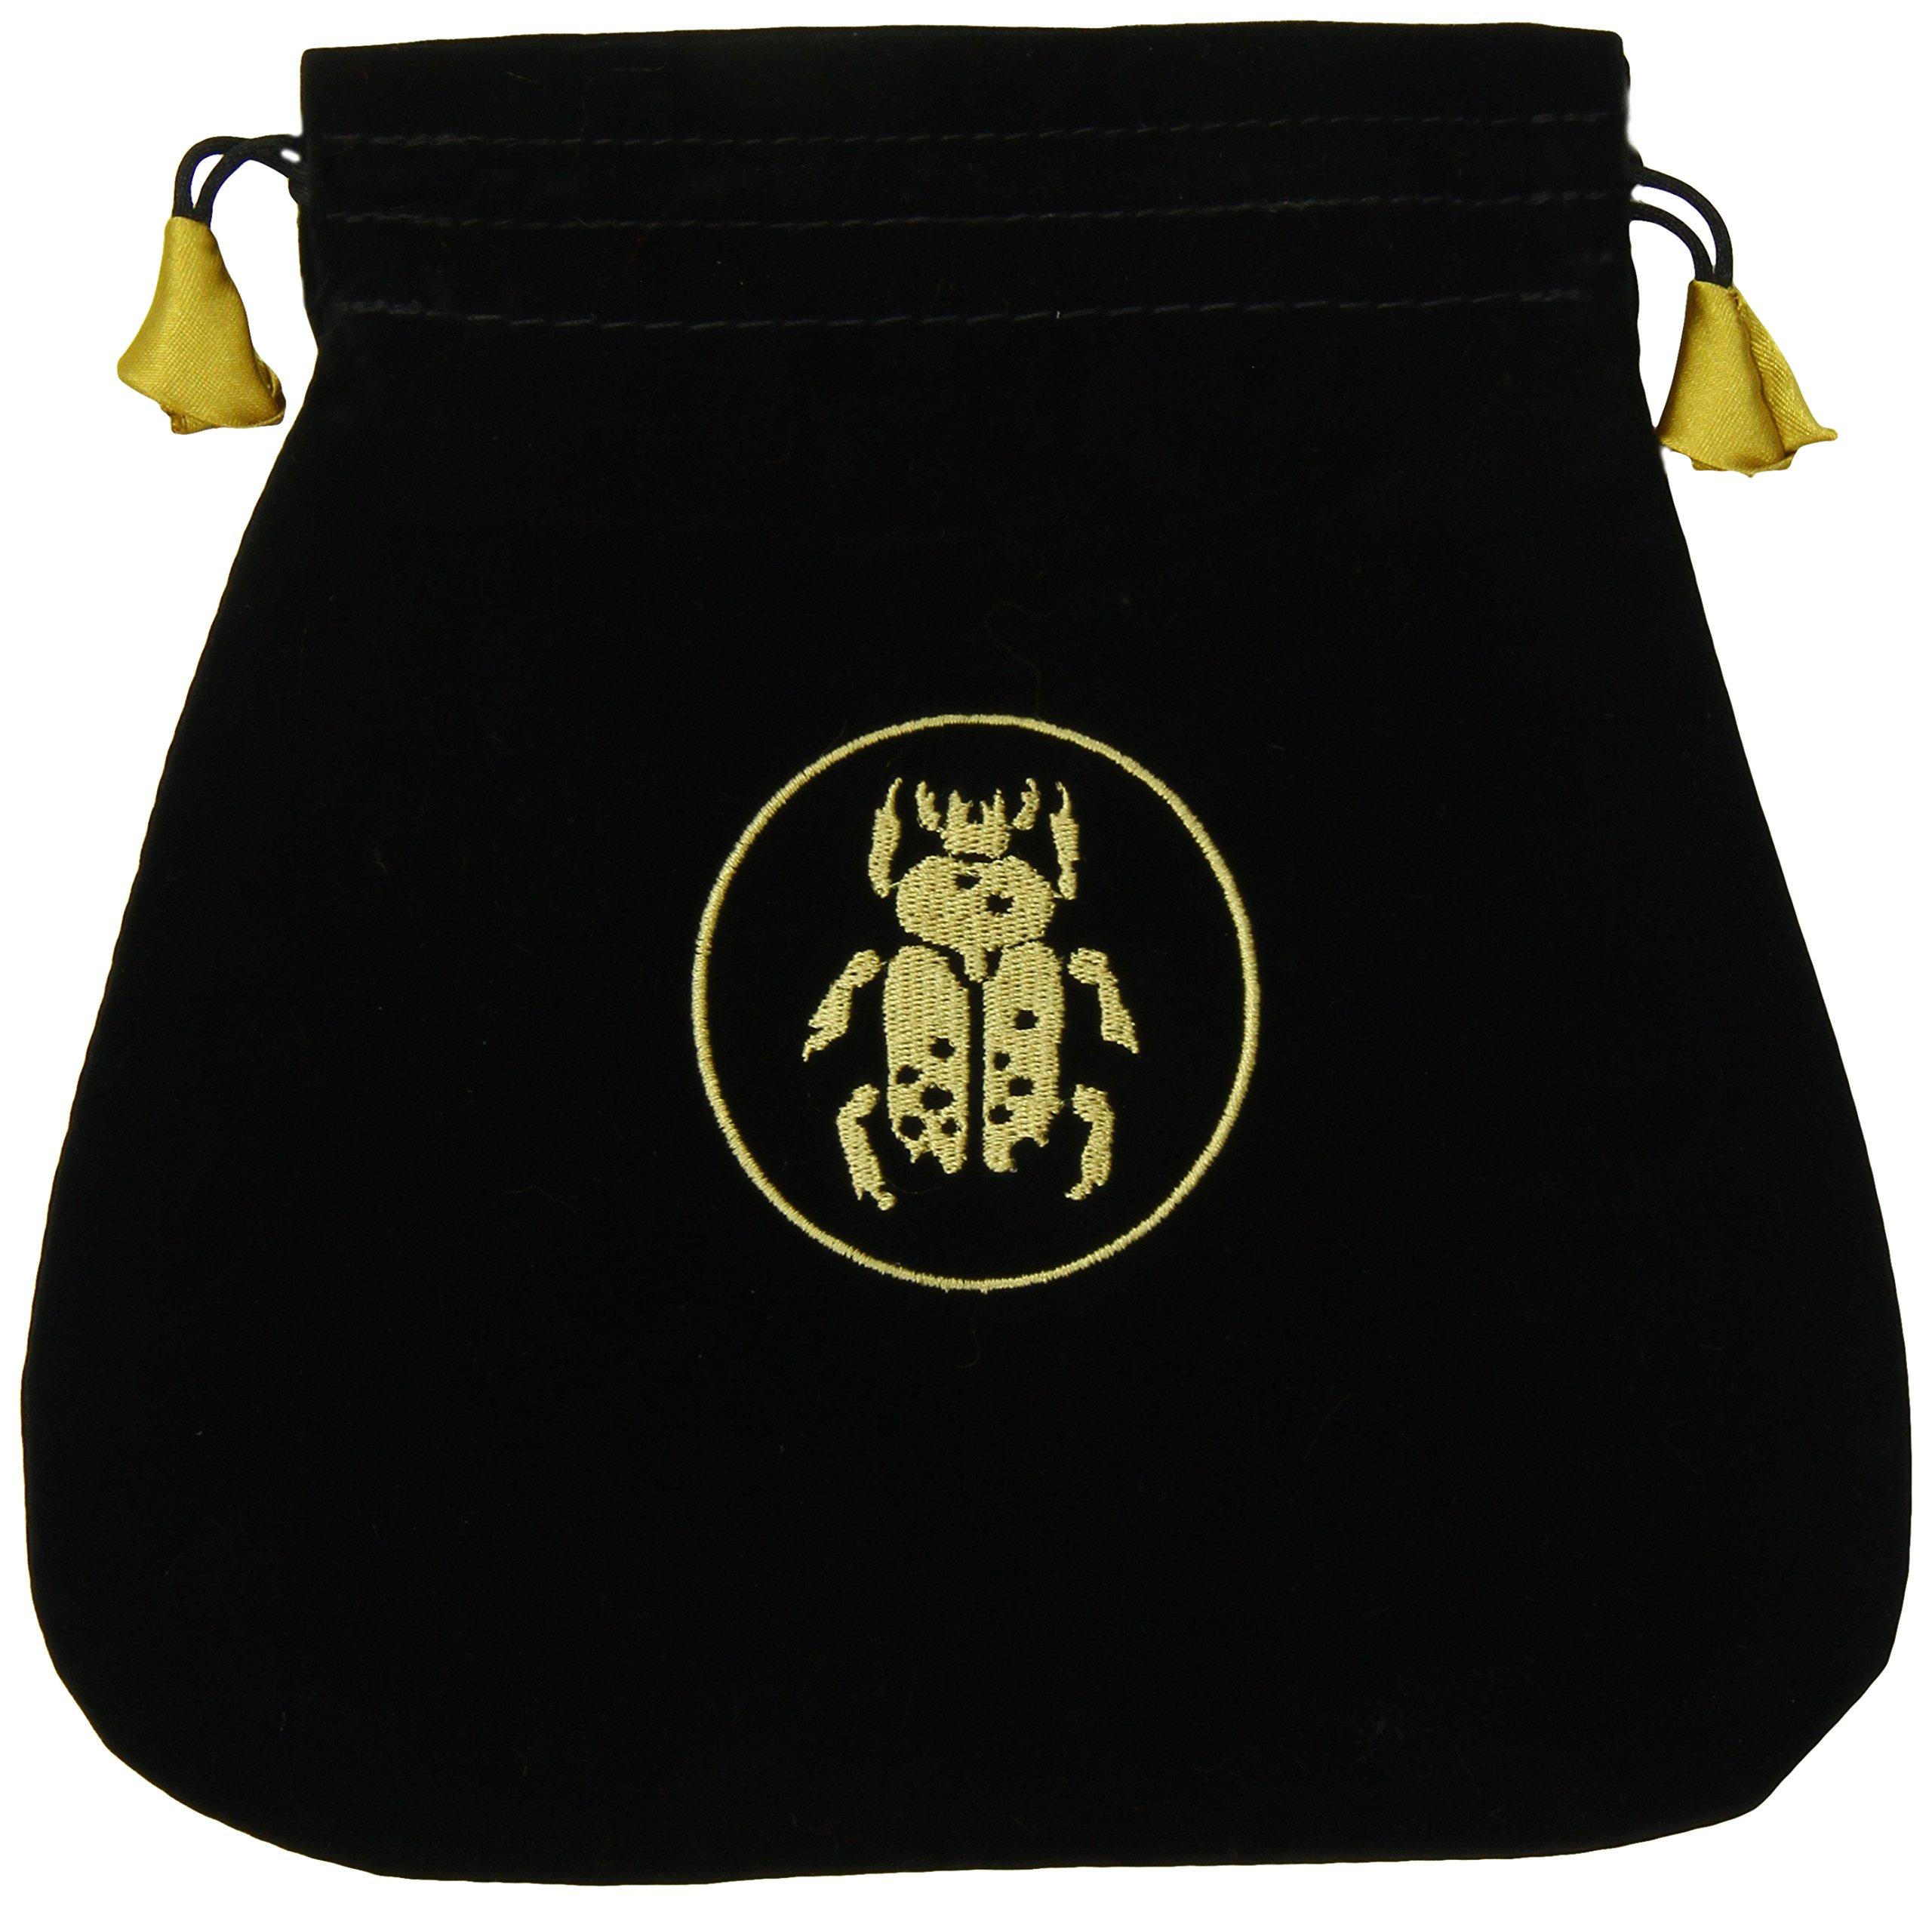 Lo Scarabeo Velvet Bag Bolsas de Lo Scarabeo Tarot Bags From ...